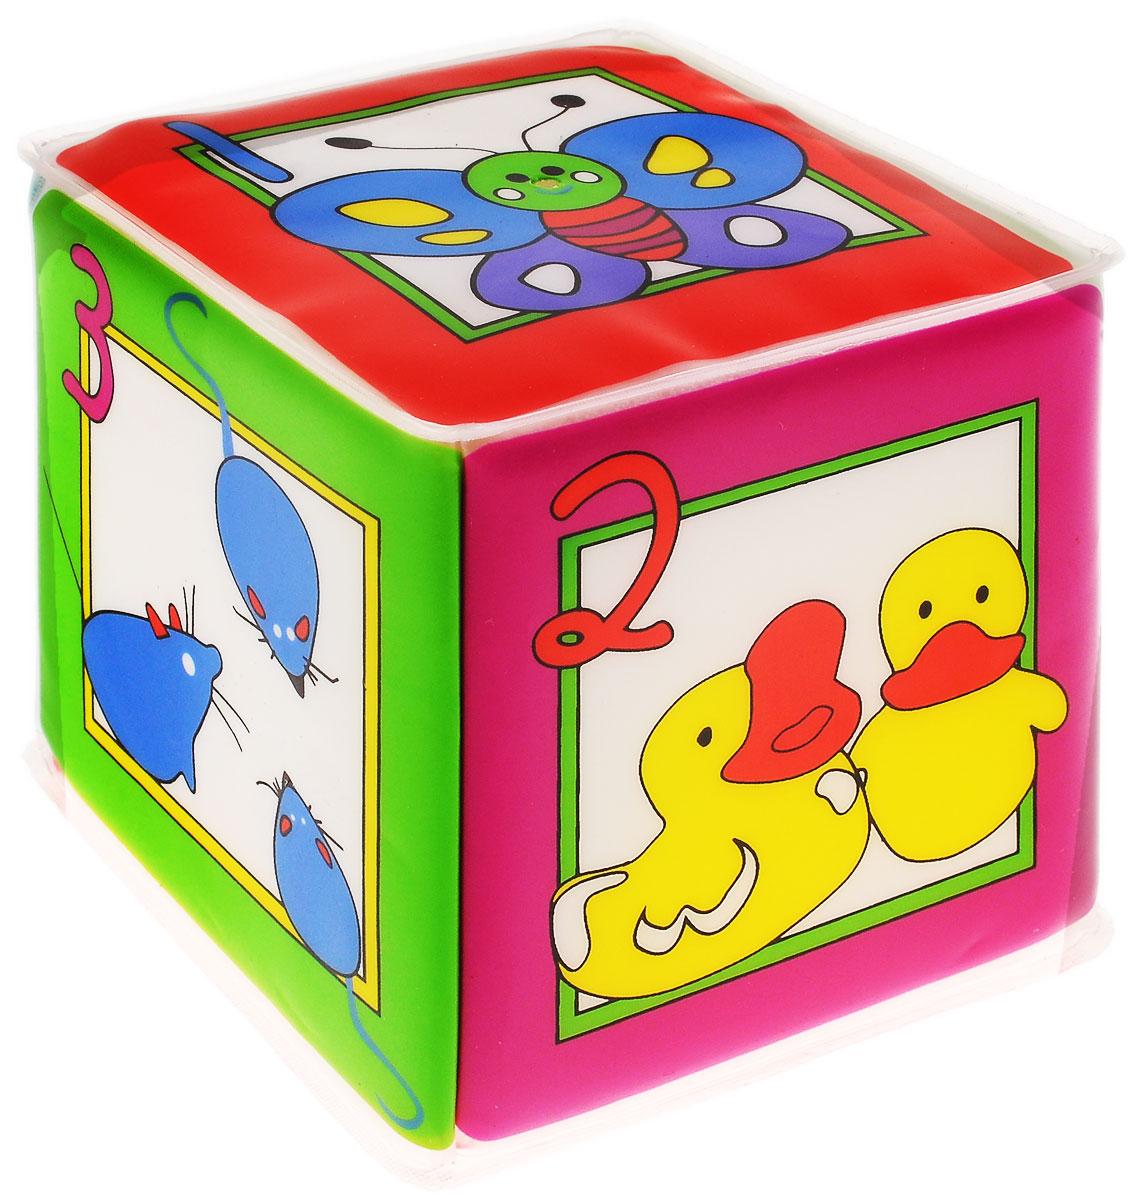 Курносики Игрушка-кубик с пищалкой Учимся считать27077Яркая игрушка-кубик Курносики Учимся считать заинтересует вашего малыша и не позволит ему скучать. Игрушка выполнена из мягкого безопасного для ребенка материала. На сторонах кубика изображены различные животные с цифрами, при этом цифра соответствует количеству изображенных животных. Внутри кубика спрятана пищалка. Малышу понравиться сжимать кубик, который будет издавать при этом негромкий звук. Игрушка-кубик поможет ребенку развить цветовое и звуковое восприятия, мелкую моторику рук и тактильные ощущения.